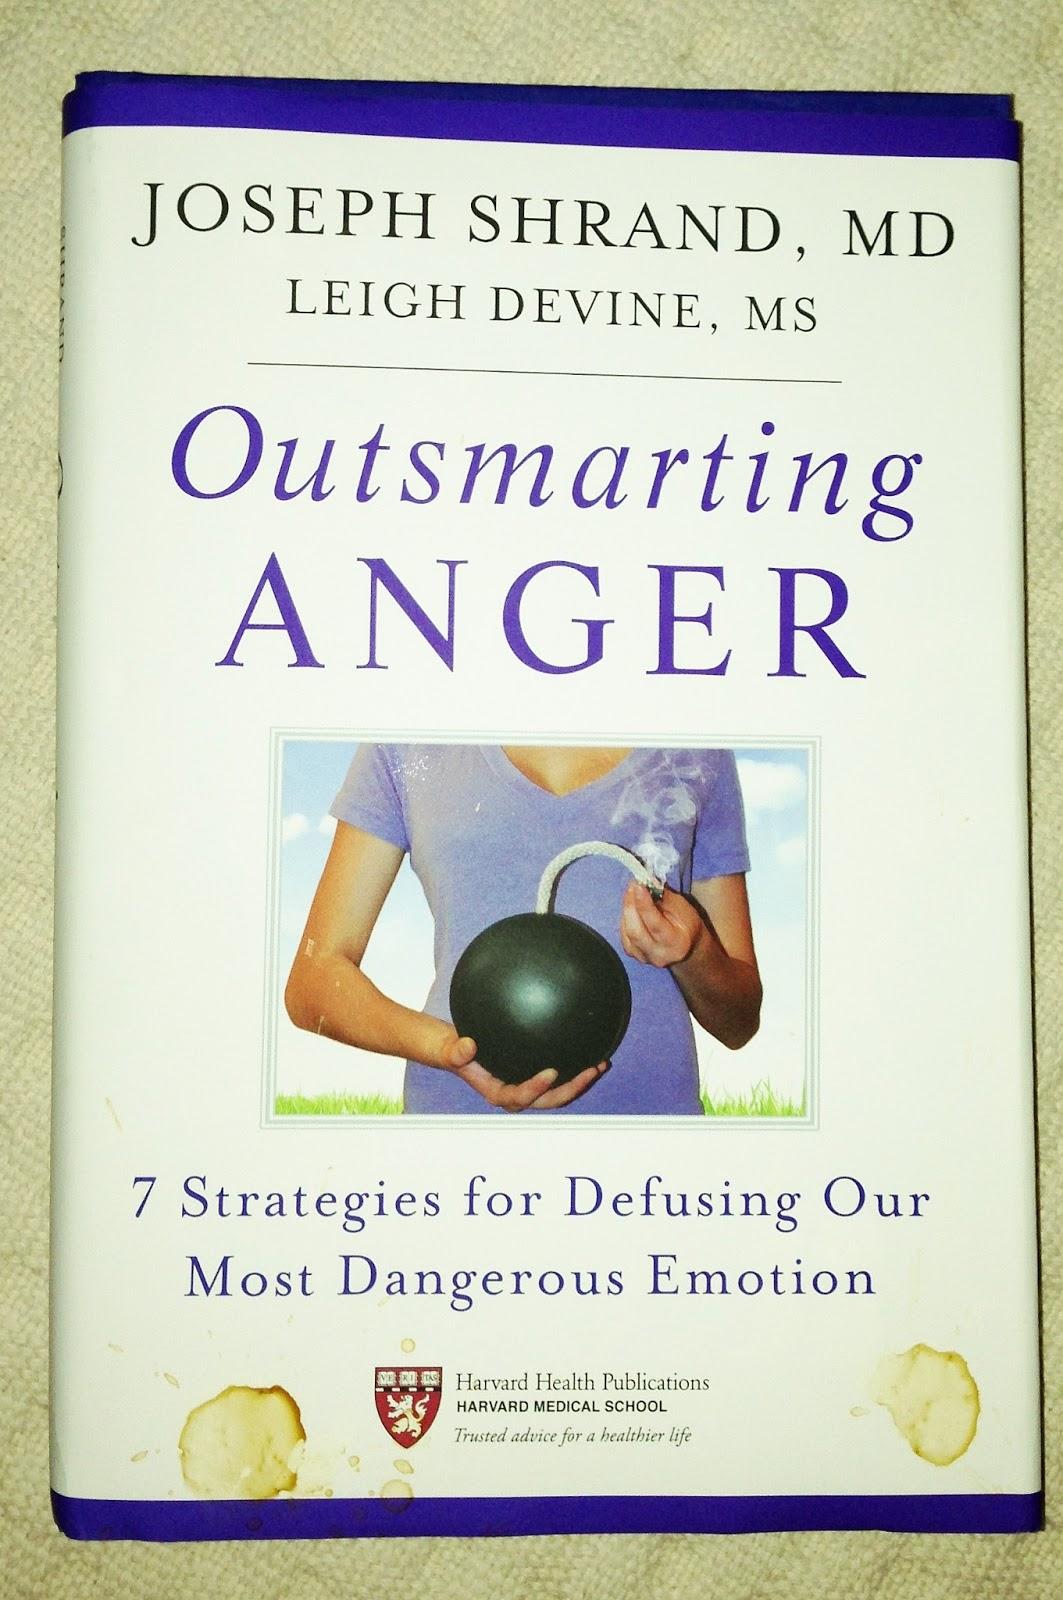 download mit atemübungen zum gefühlsausdruck wahrnehmung und regulation der emotionen in